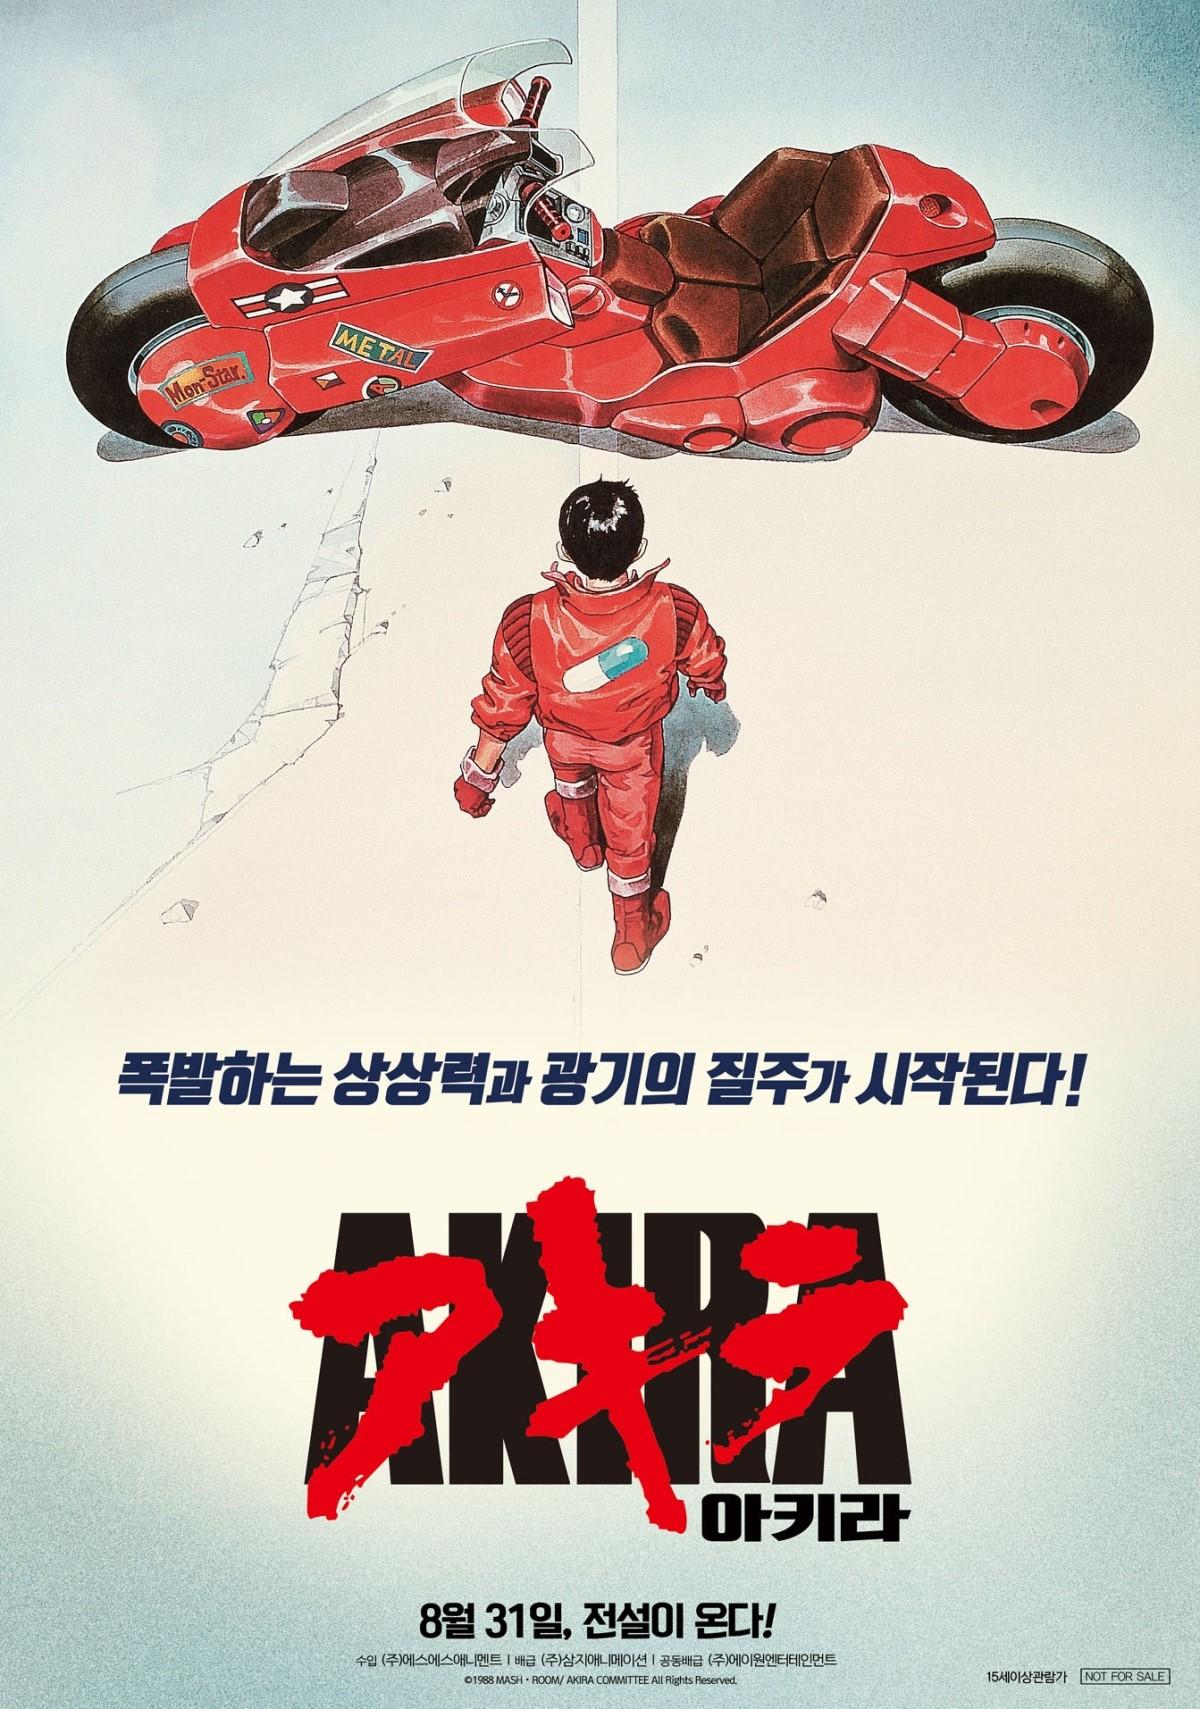 전설적인 SF 애니메이션 8월 31일 개봉 확정!